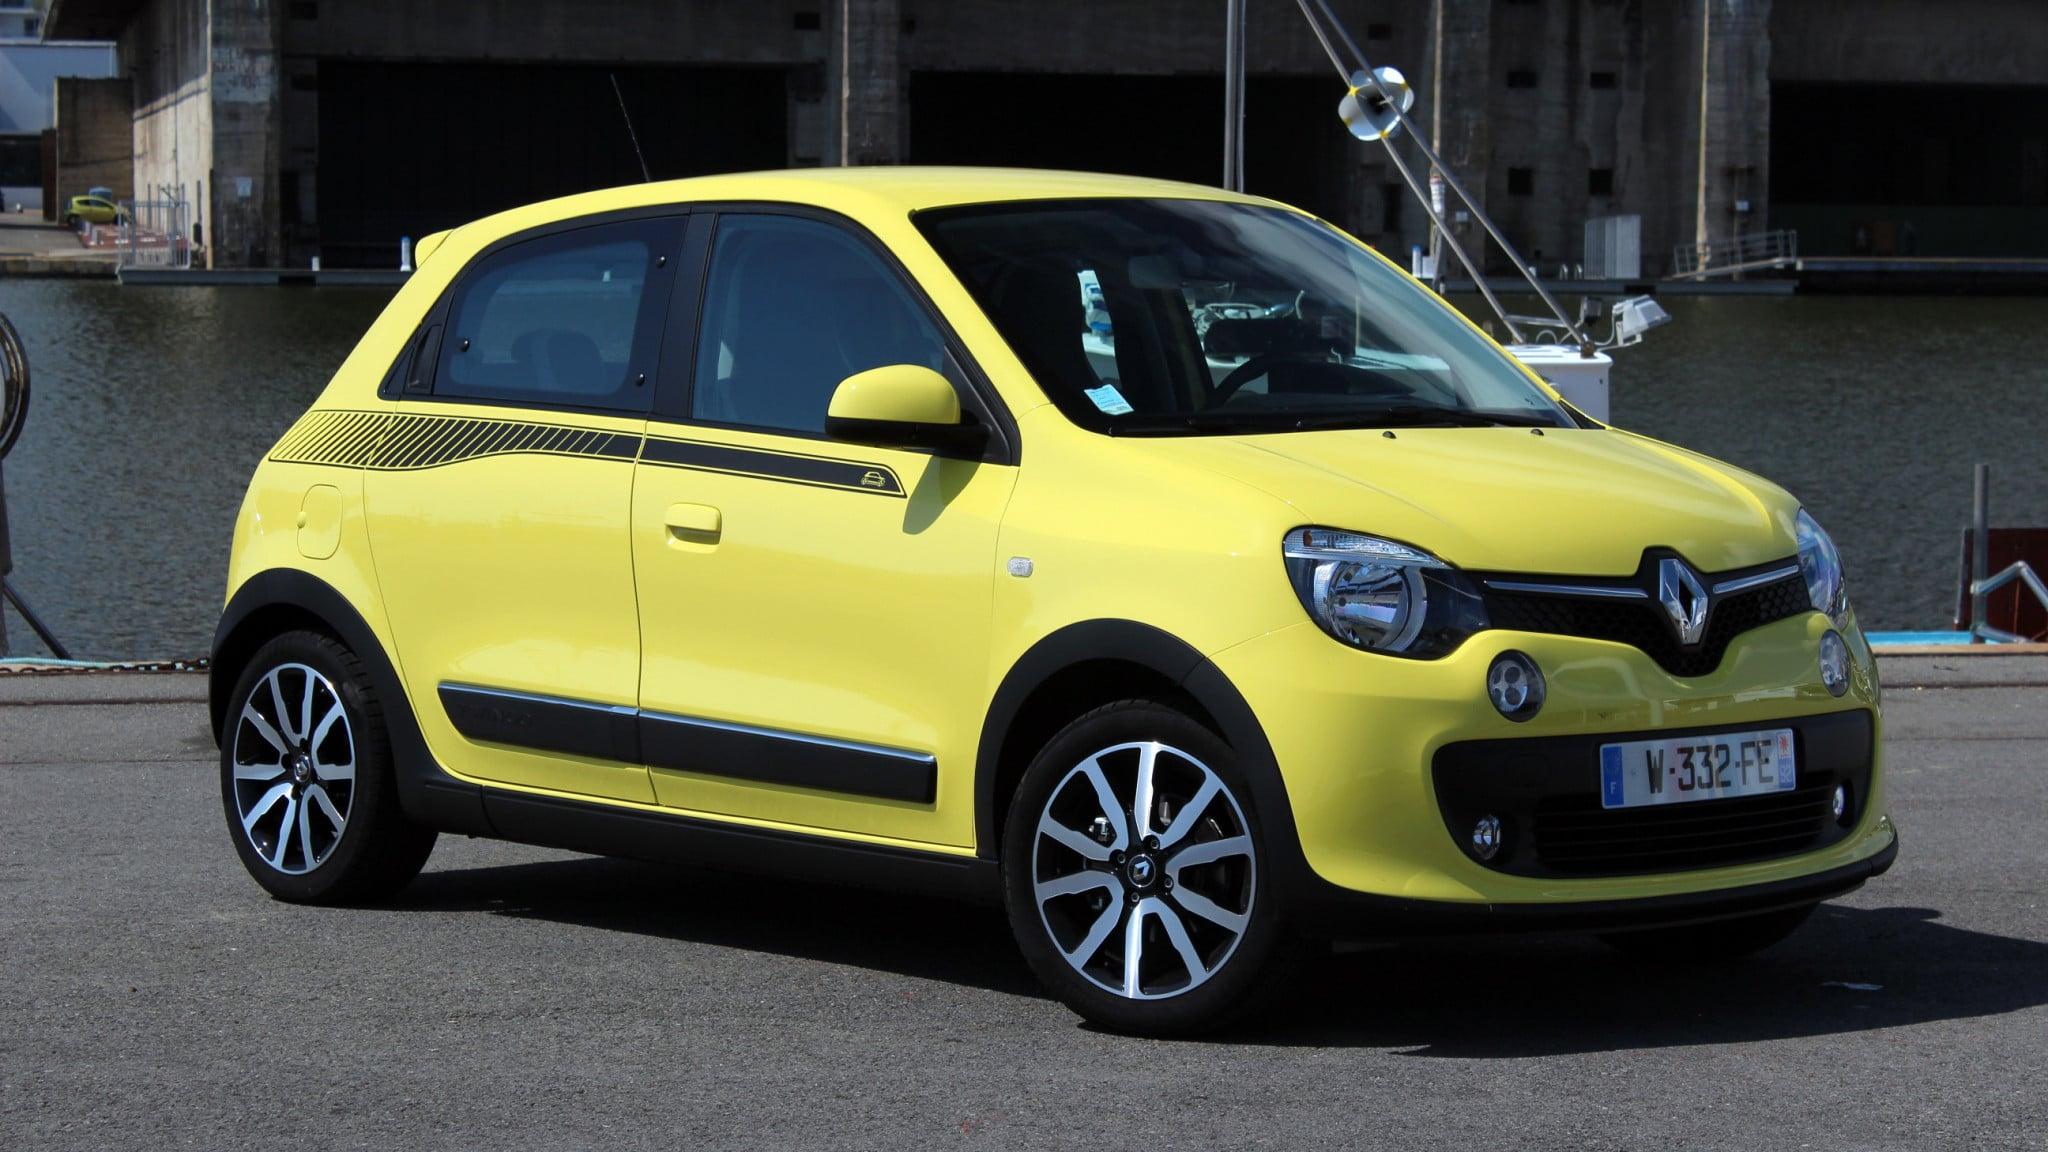 Twingo 3 d'occasion : une super petite voiture, idéale pour la ville